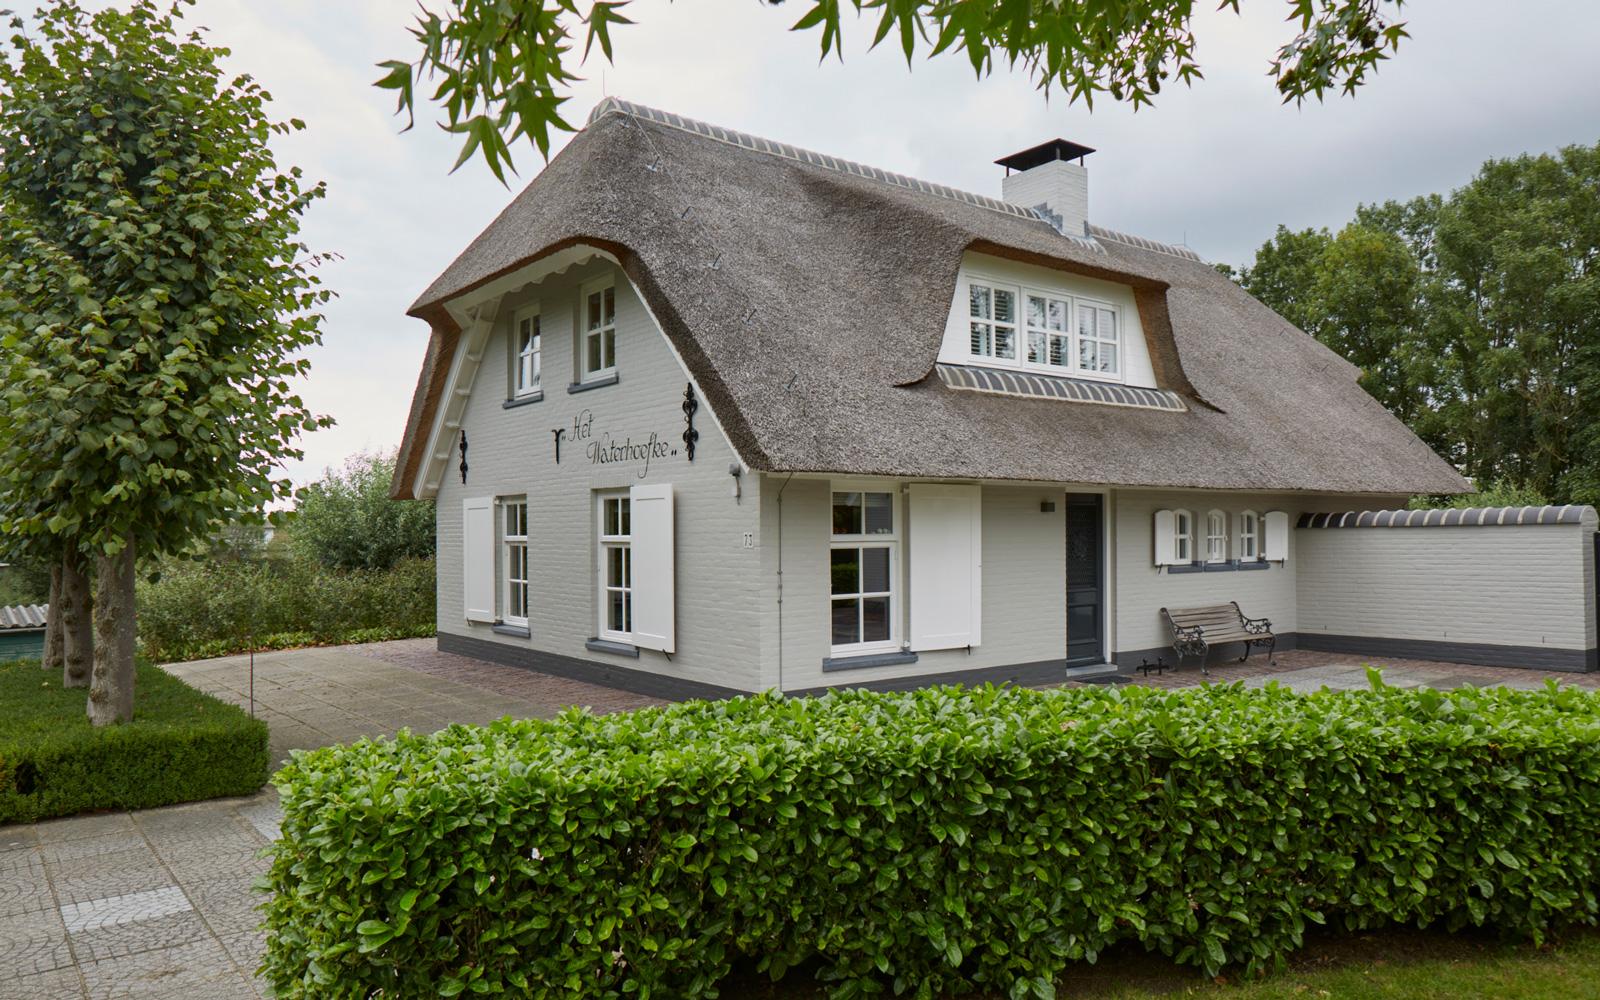 Exclusief wonen, The art of living, Studio Kees Marcelis, Architectuur, Rieten dak, Exterieur, Witte Klapdeuren, Schoorsteen